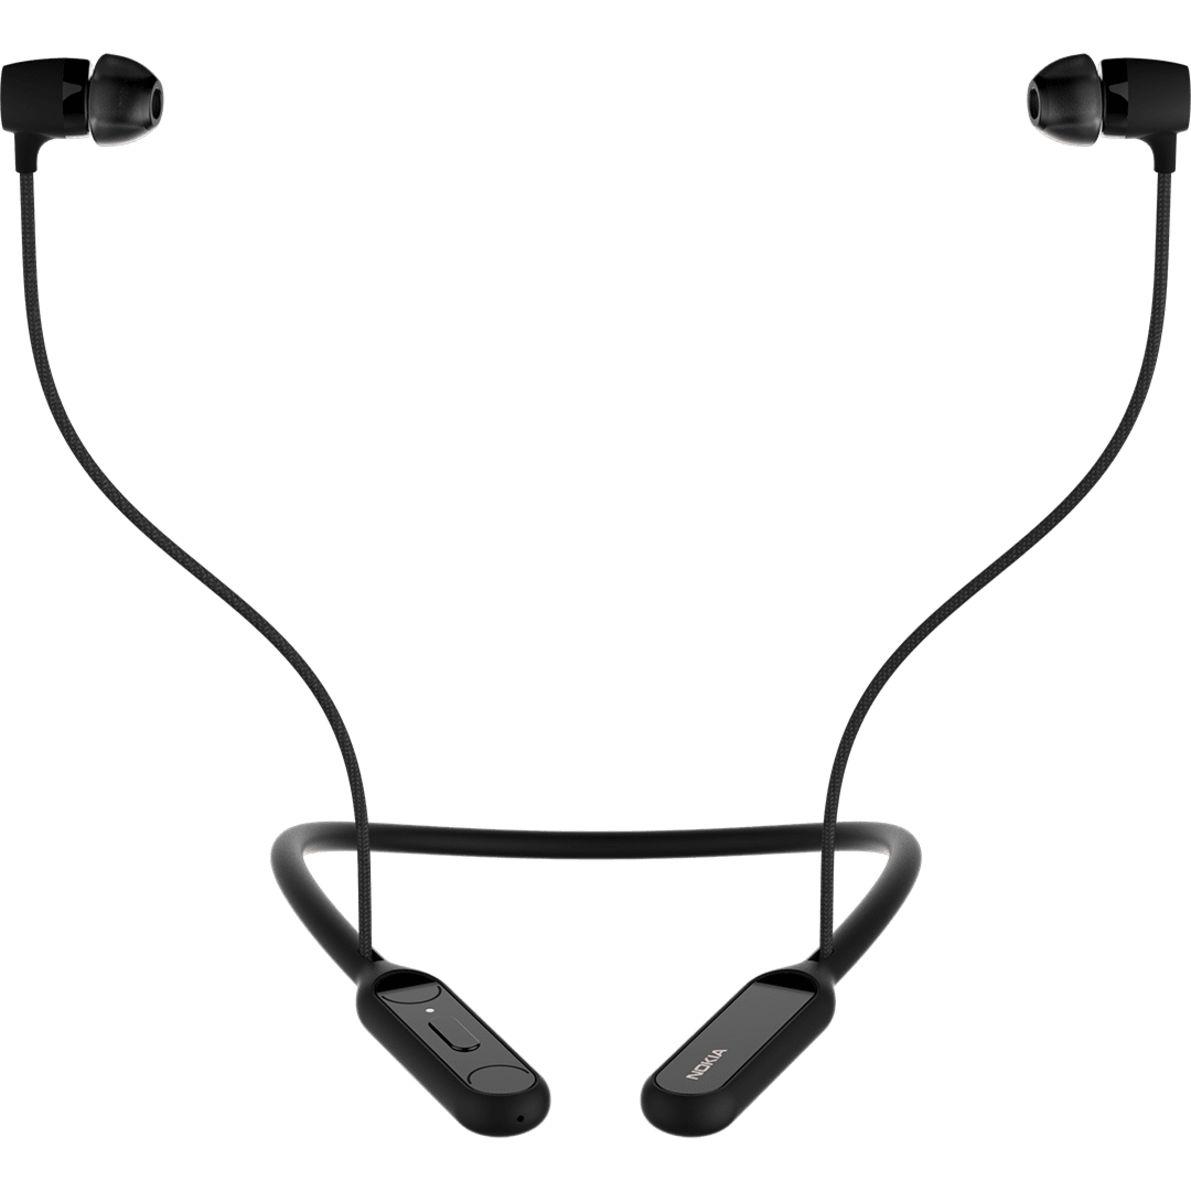 6c79826ca26 Nokia Pro Wireless Earphones | Nokia phones